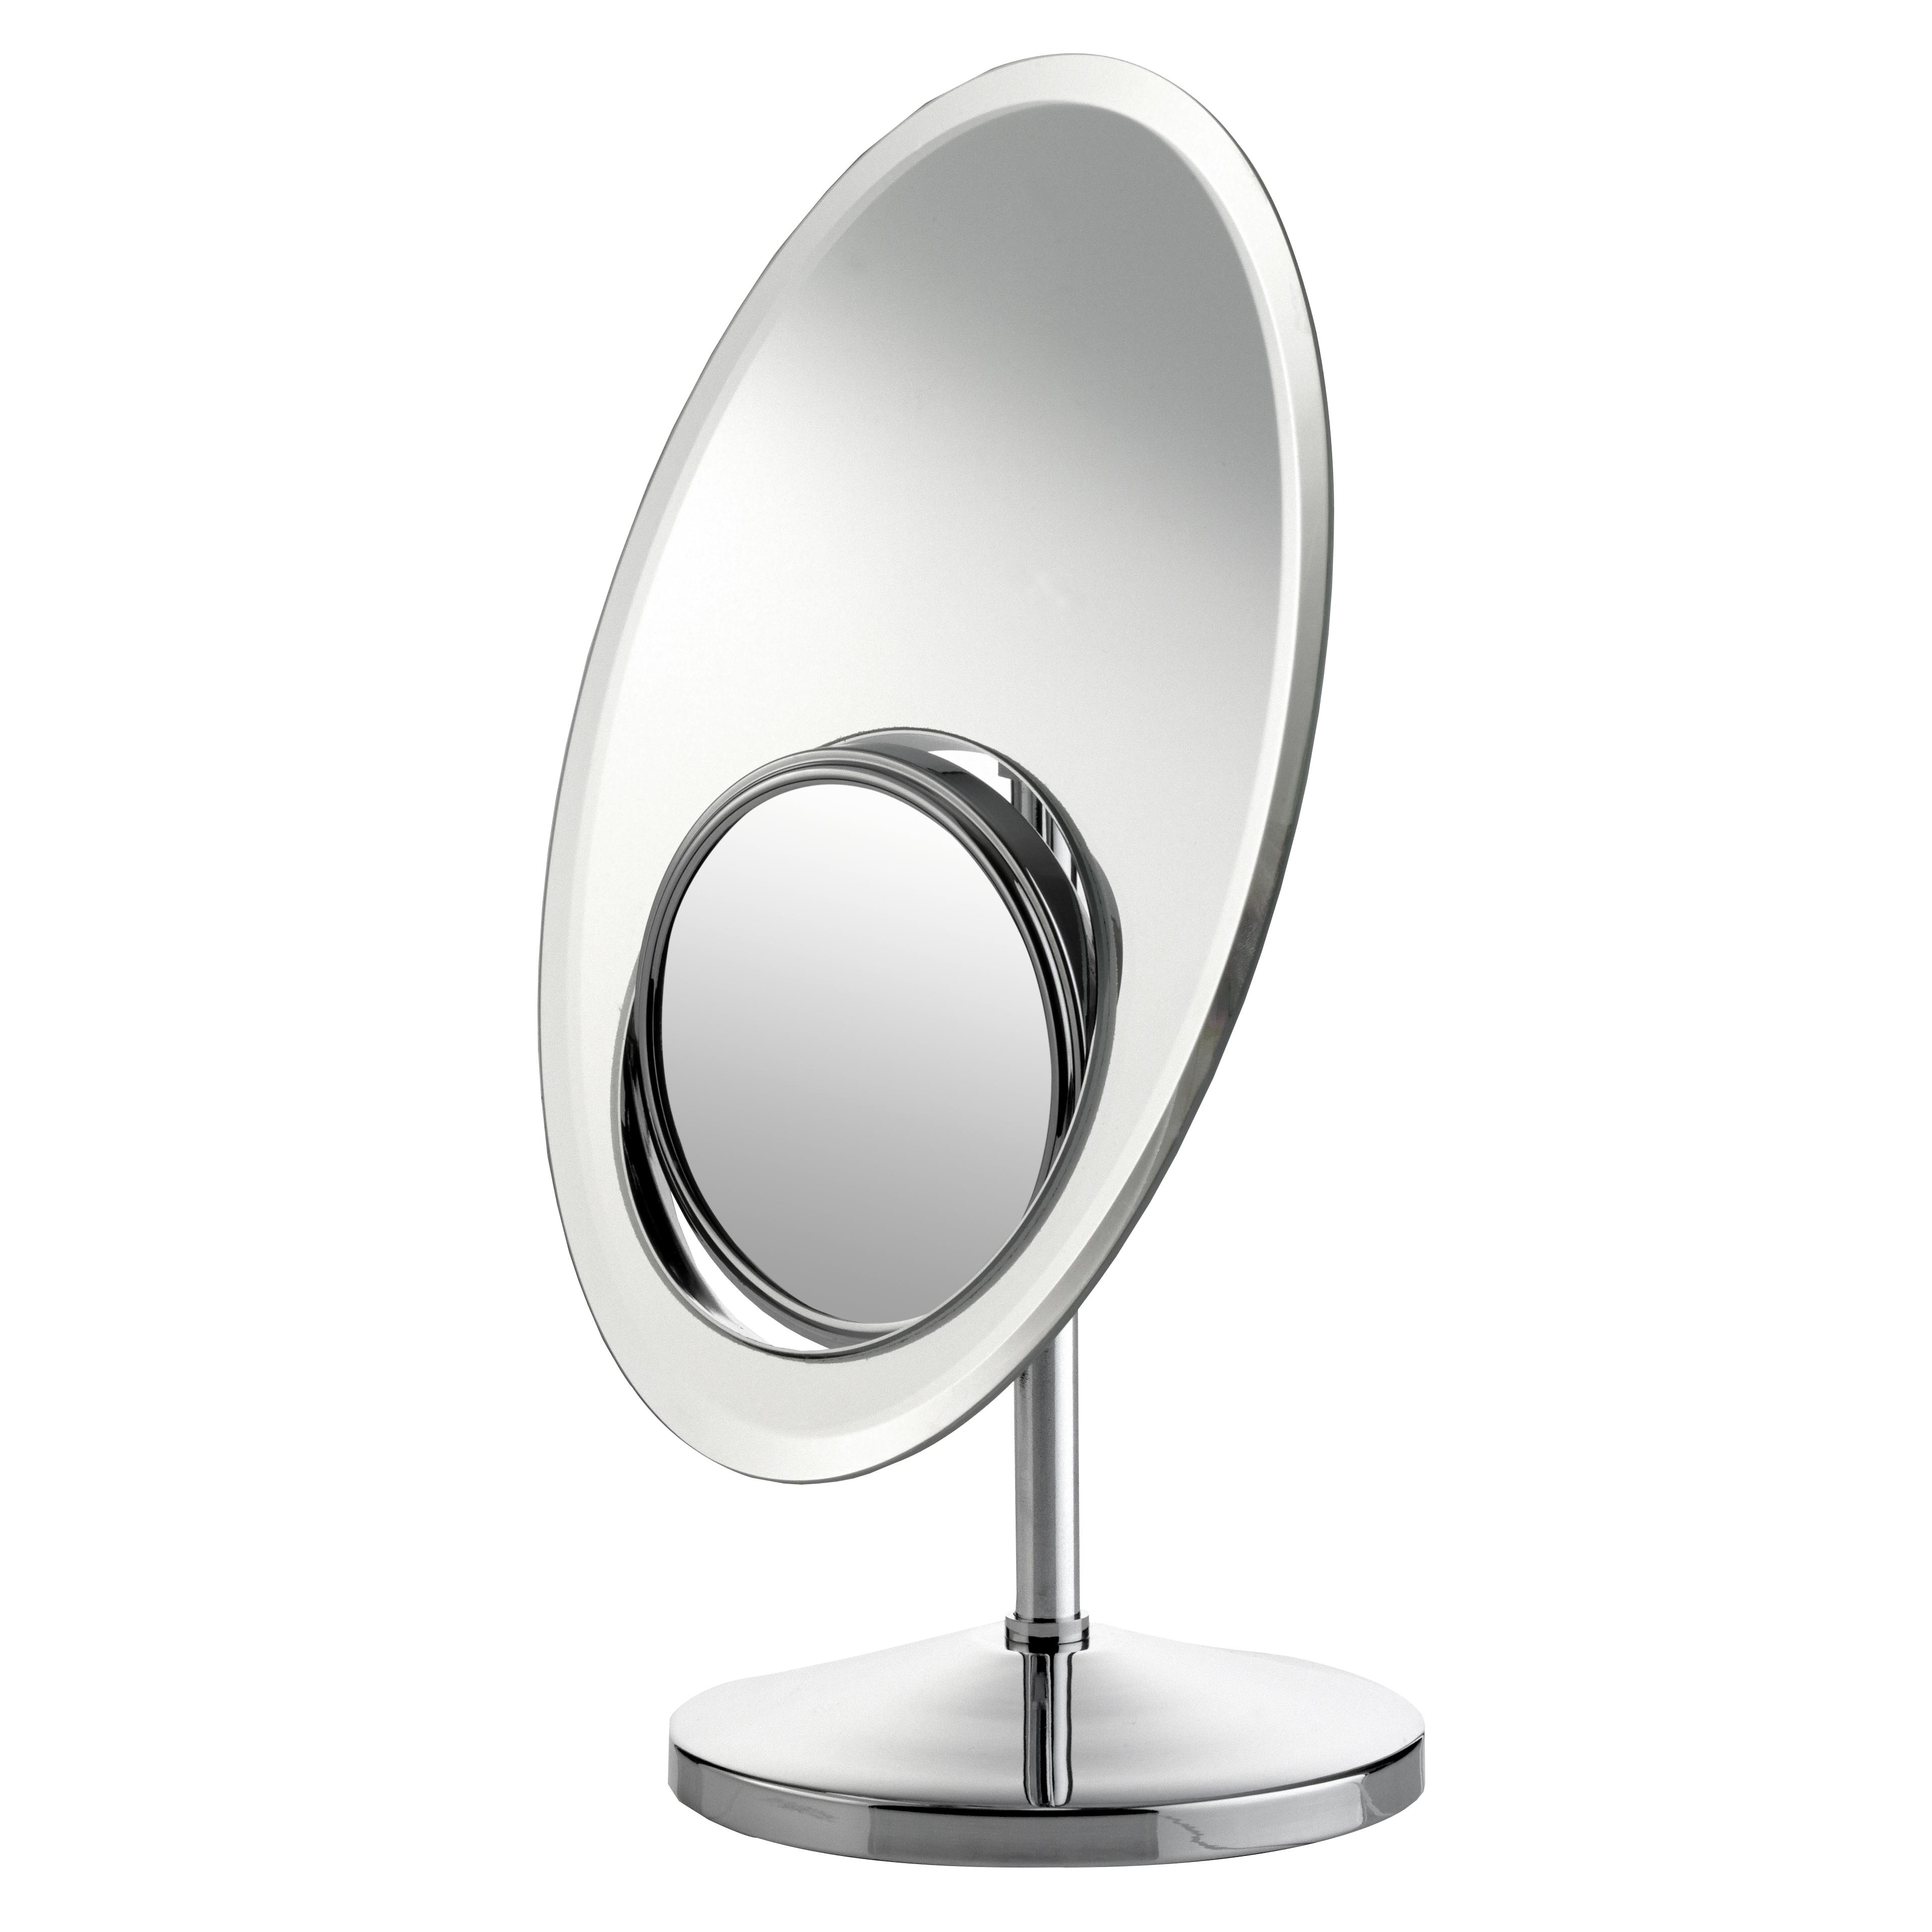 Зеркало косметическое Axentia, настольное, со встроеным увеличительным зеркалом, 30 х 20 см282807Зеркало овальной формы идеально подойдет для косметических процедур, нанесения и снятия макияжа, коррекции бровей. Изделие оснащено встроенным двухсторонним зеркалом с возможностью разворота на 360°C и увеличением в 2 и 8 раз на каждой из сторон. Устойчивая ножка, общая высота 35 см и 3 типа зеркальных поверхностей создают дополнительный комфорт при использовании аксессуара.Высота изделия: 35 см.Размер основного зеркала: 30 х 20 см.Диаметр встроенного зеркала: 12,5 см.